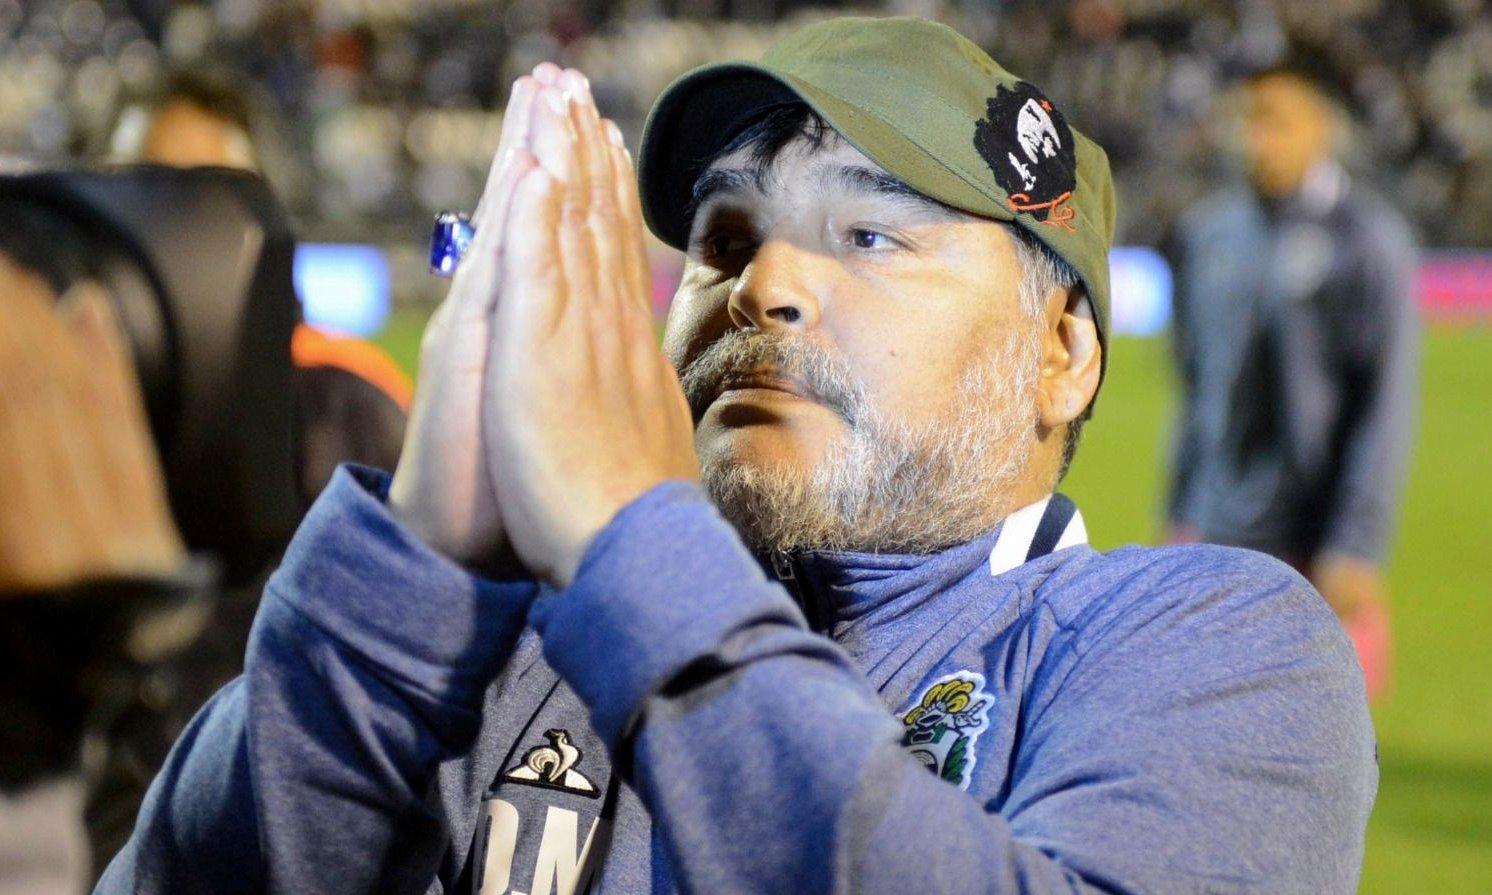 Confirmado: Maradona seguirá siendo el DT de Gimnasia La Plata